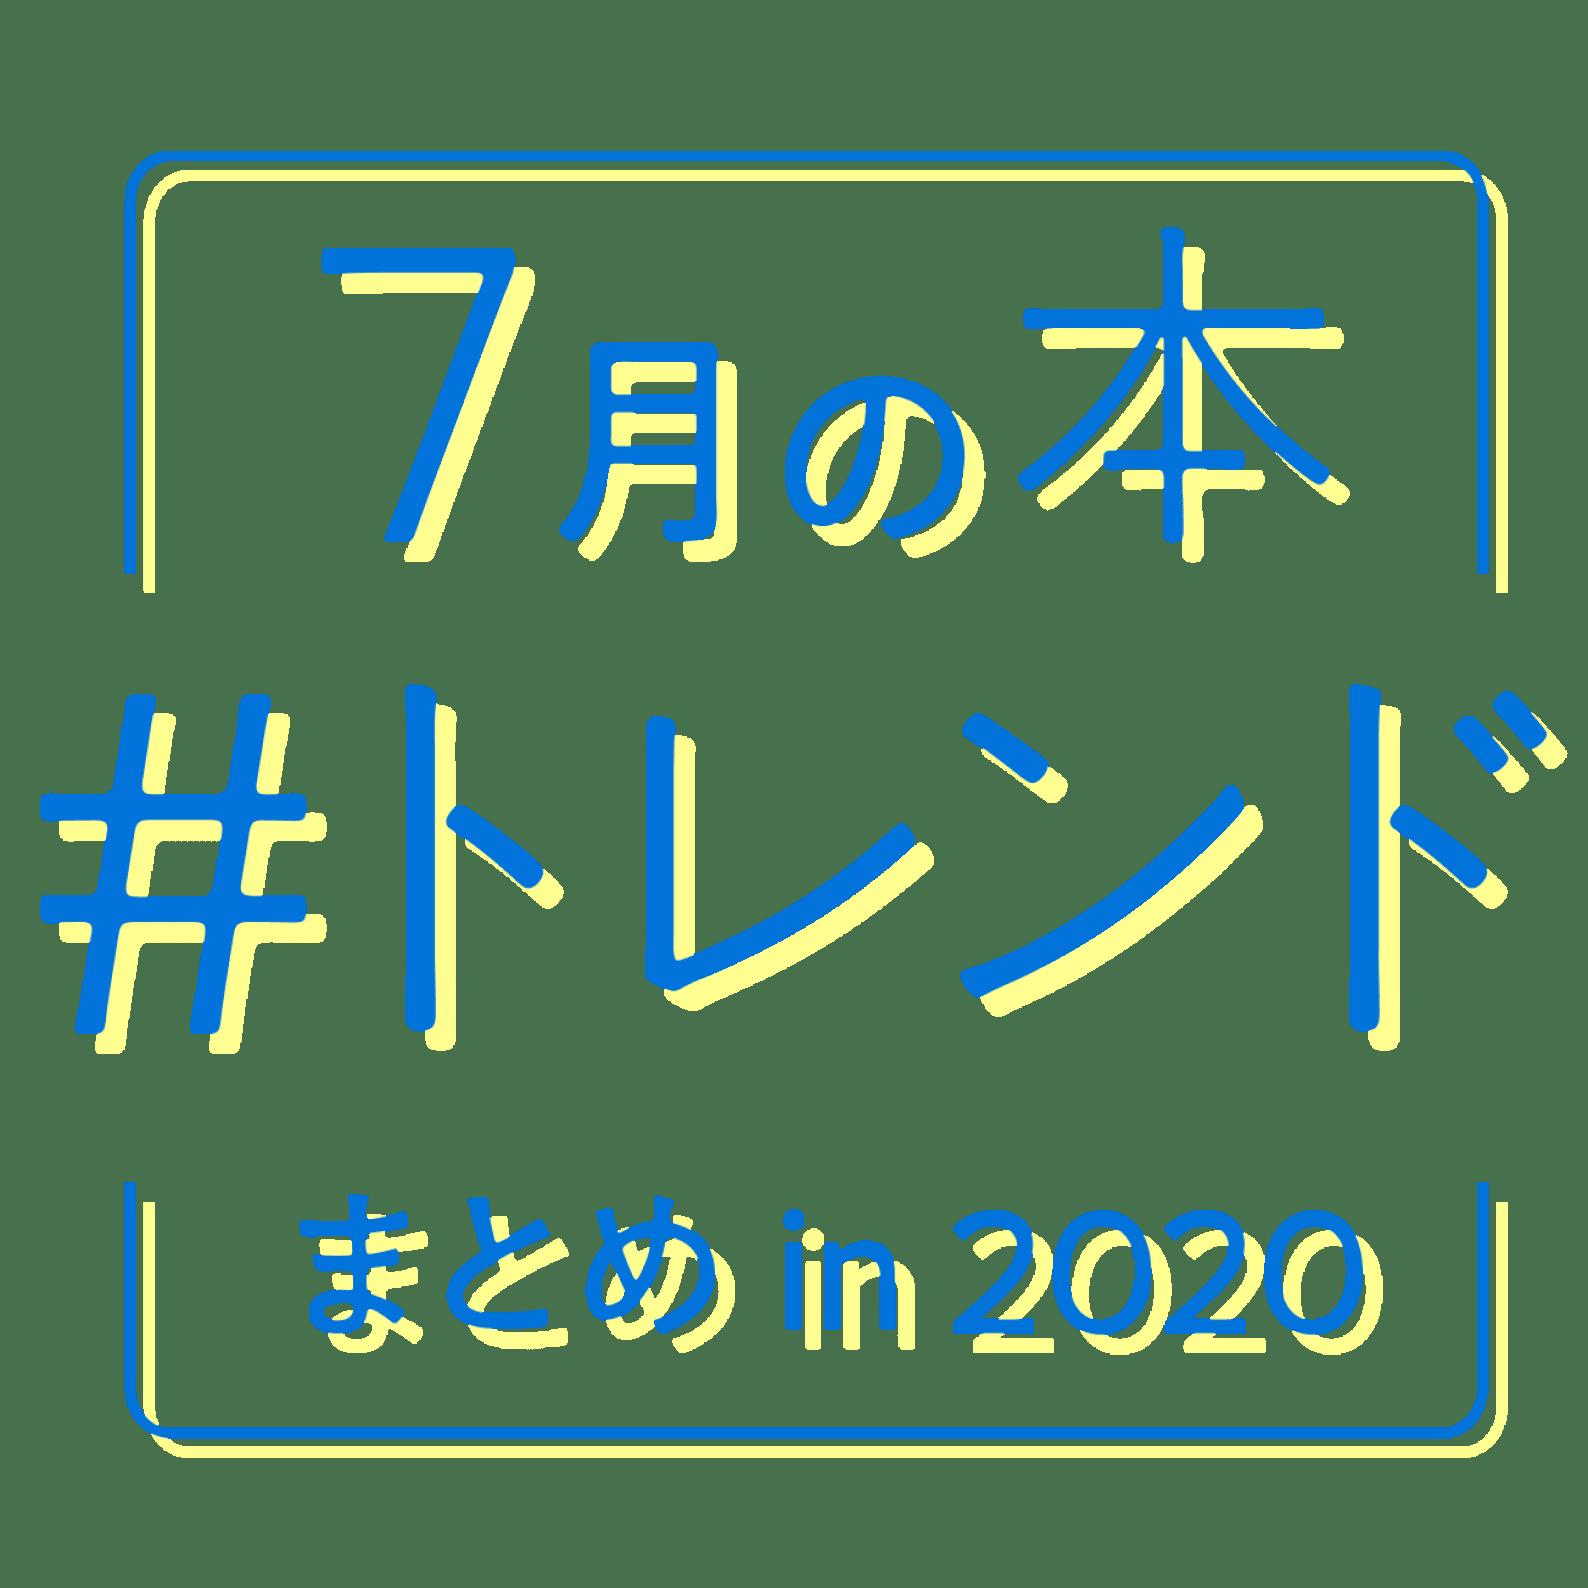 7月の本#トレンドまとめin2020